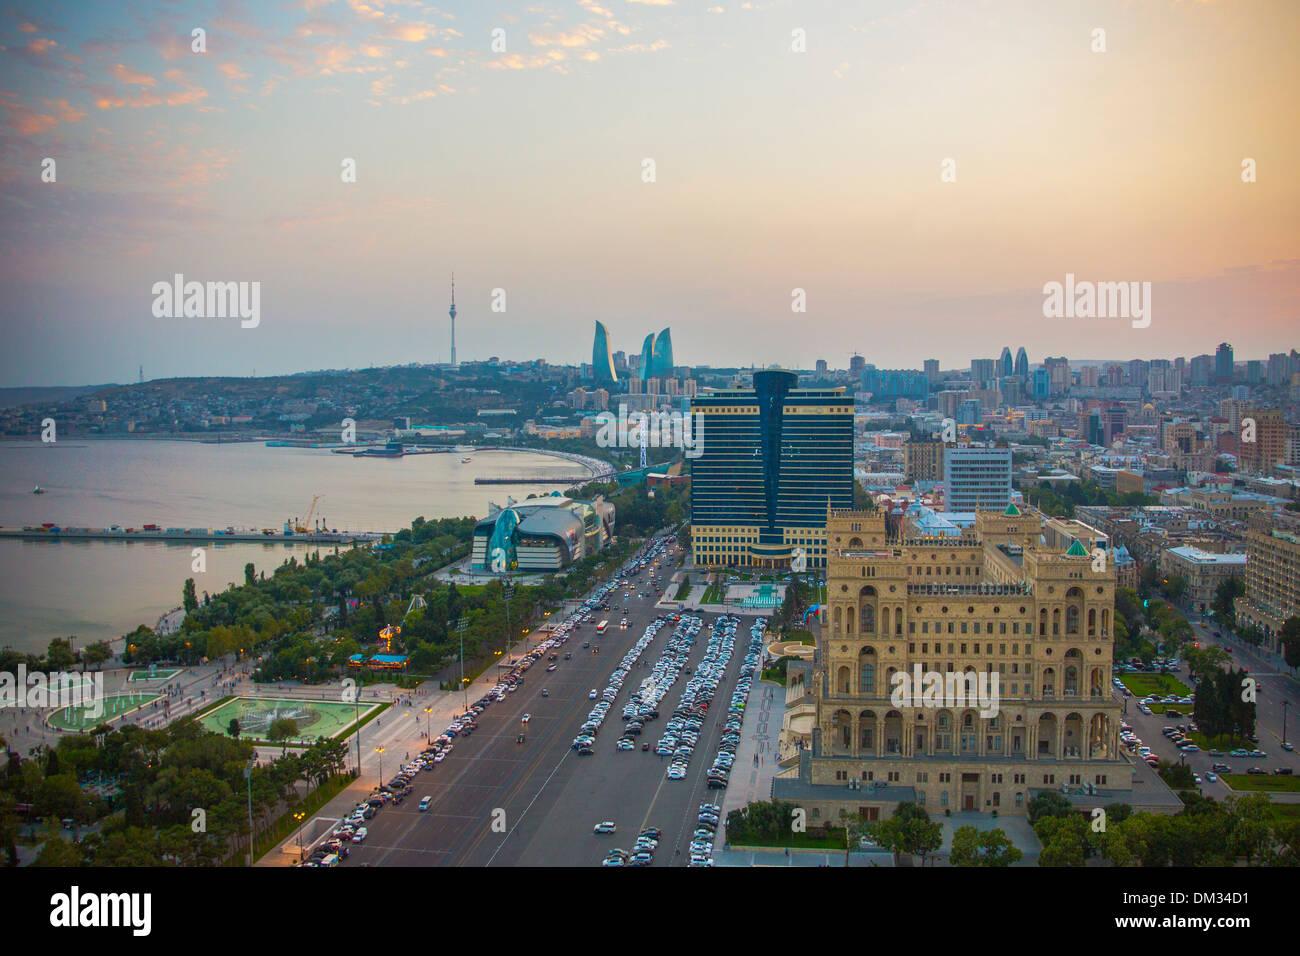 Aserbaidschan Kaukasus Eurasia Baku Regierung Antenne Architektur Avenue Bucht Autos Stadt Innenstadt Brunnen Skyline Stockbild